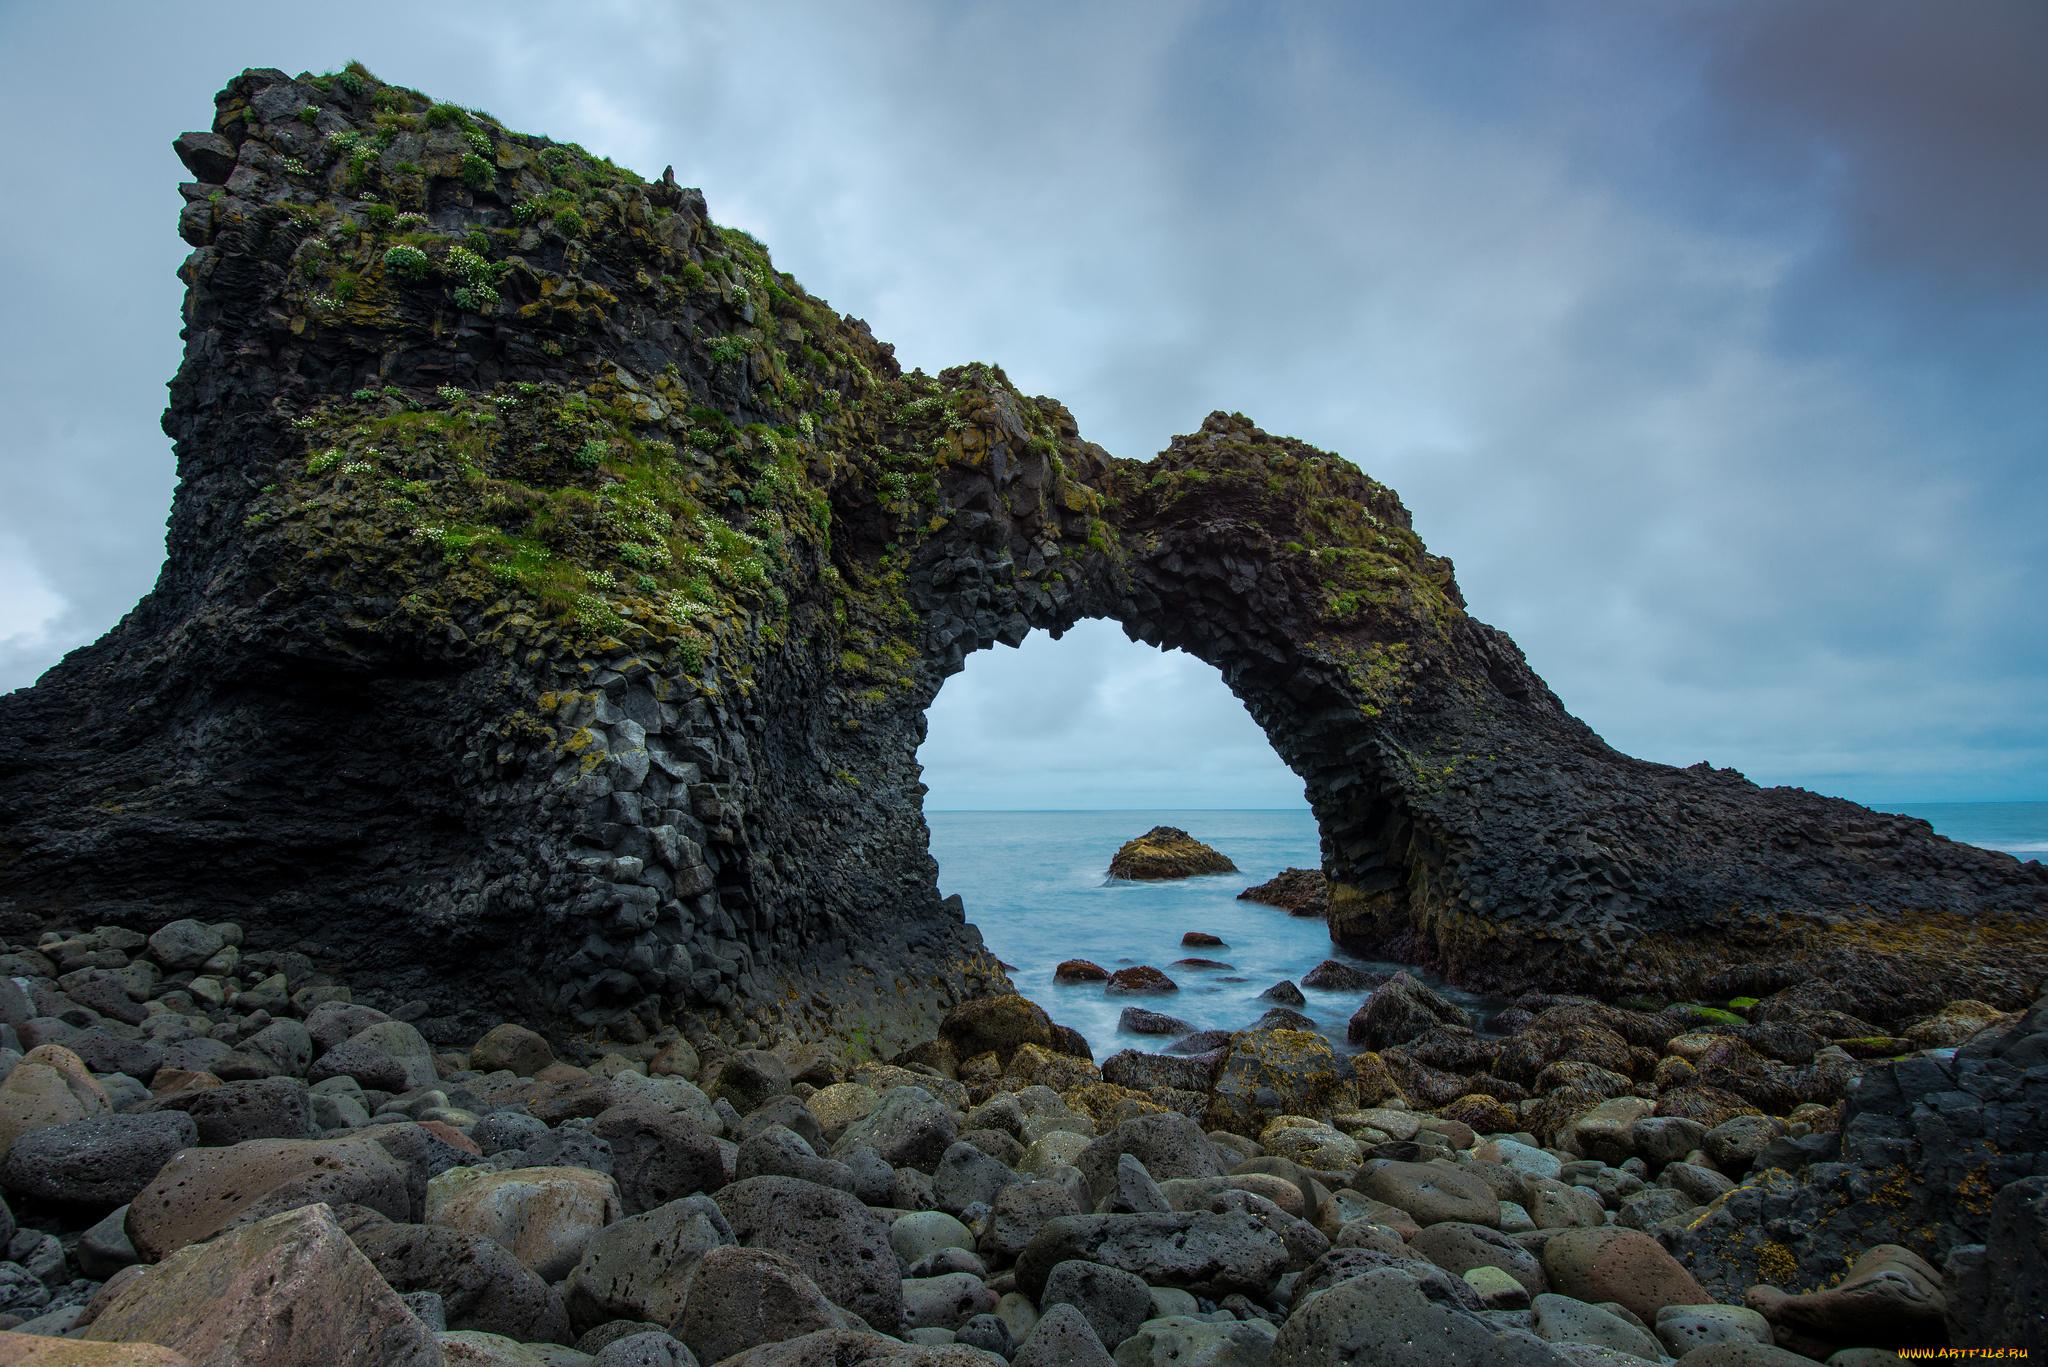 арка скалы море небо  № 2842045 загрузить